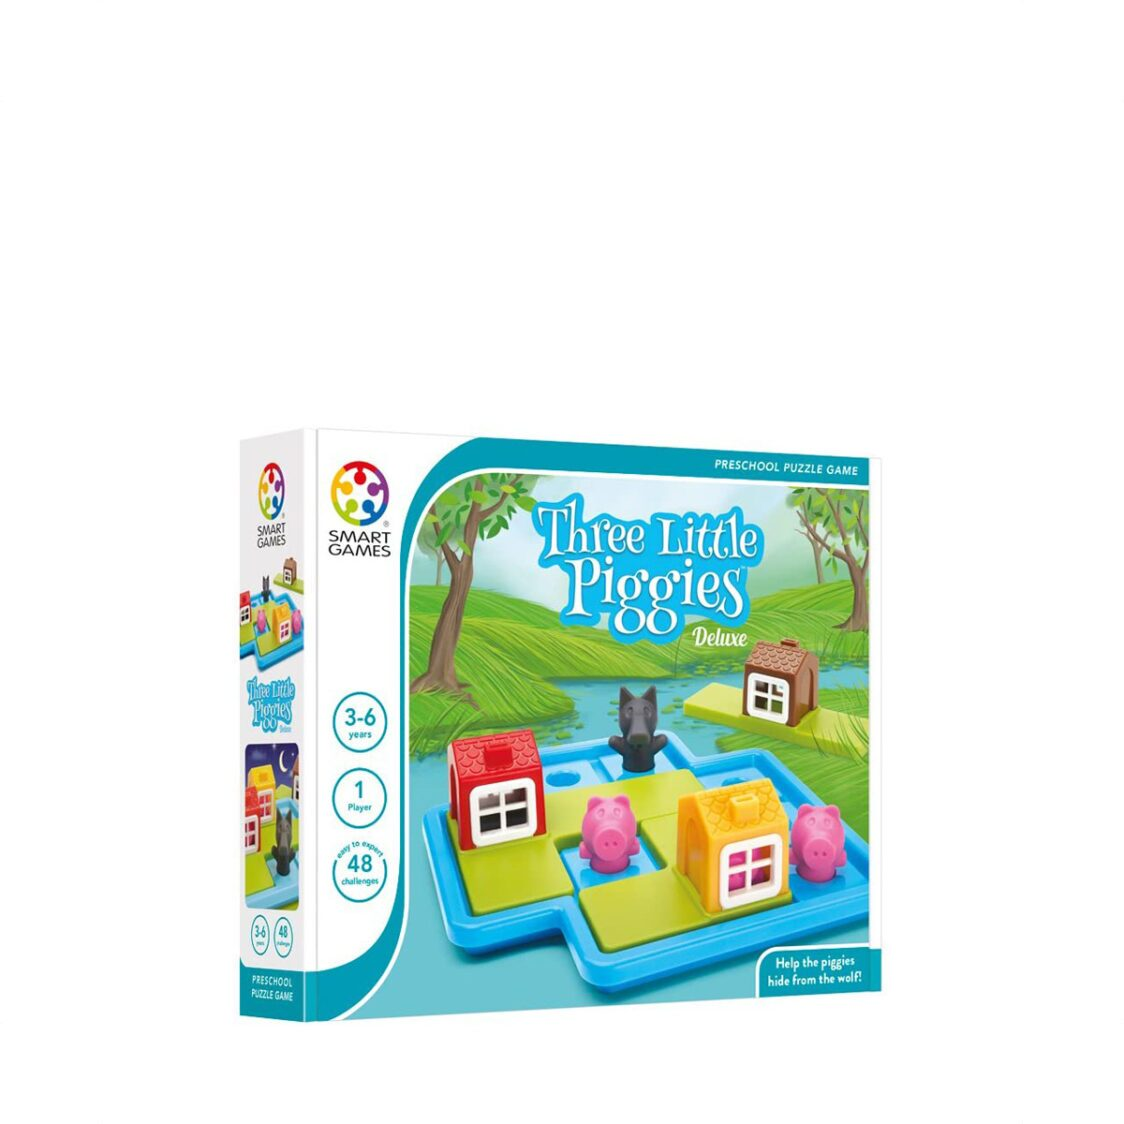 Smart Games Three Little Piggies - Deluxe